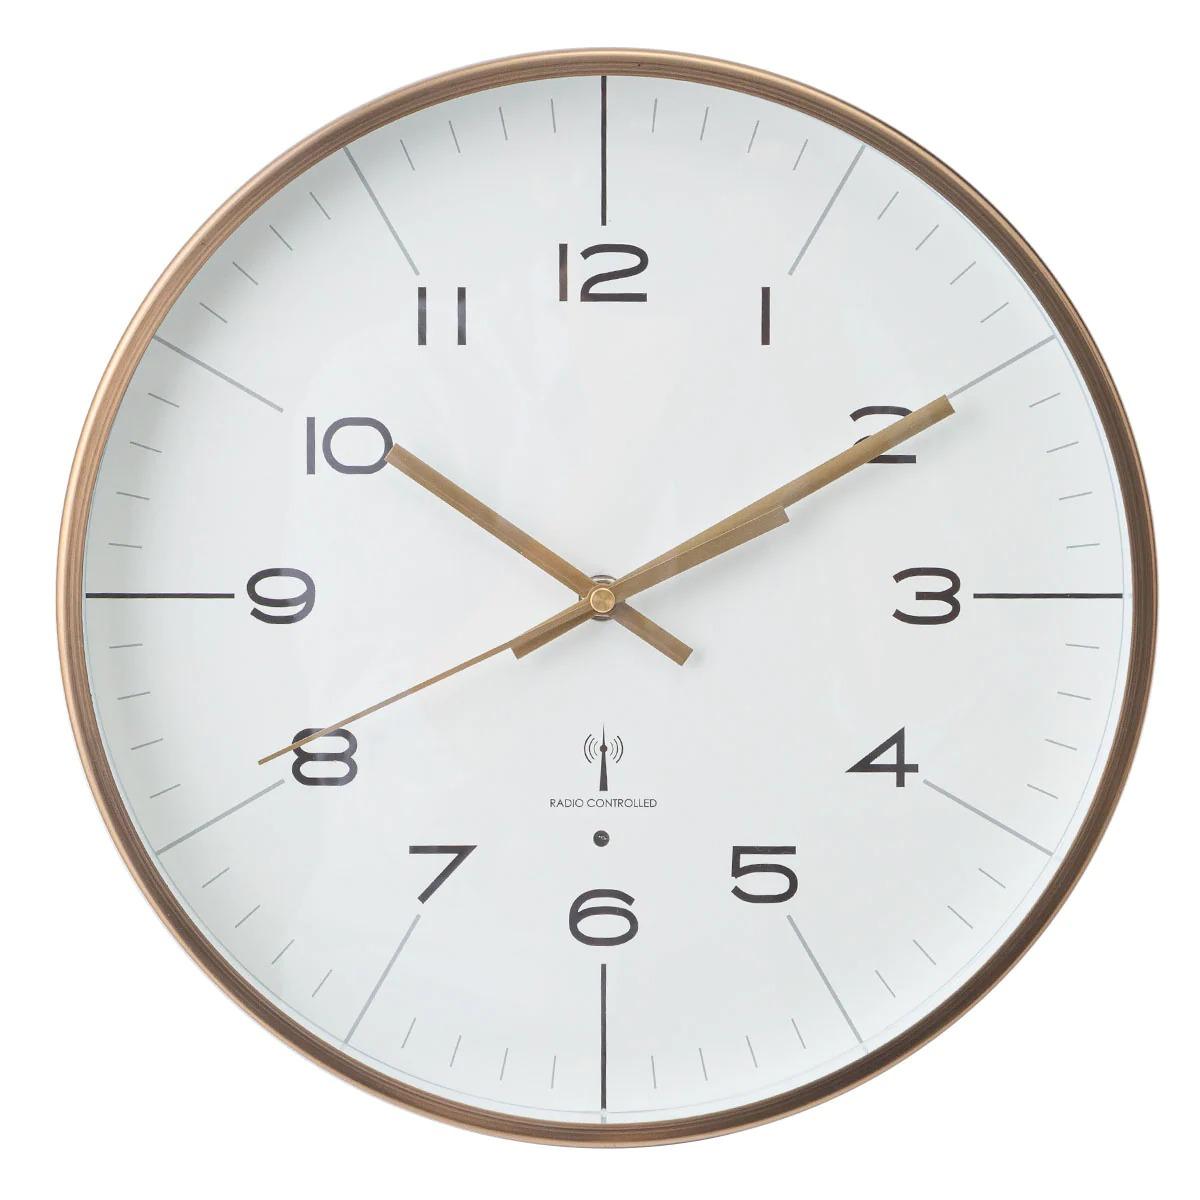 電波式掛け時計のおすすめ18選!ソーラーや静音タイプも【2021年版】